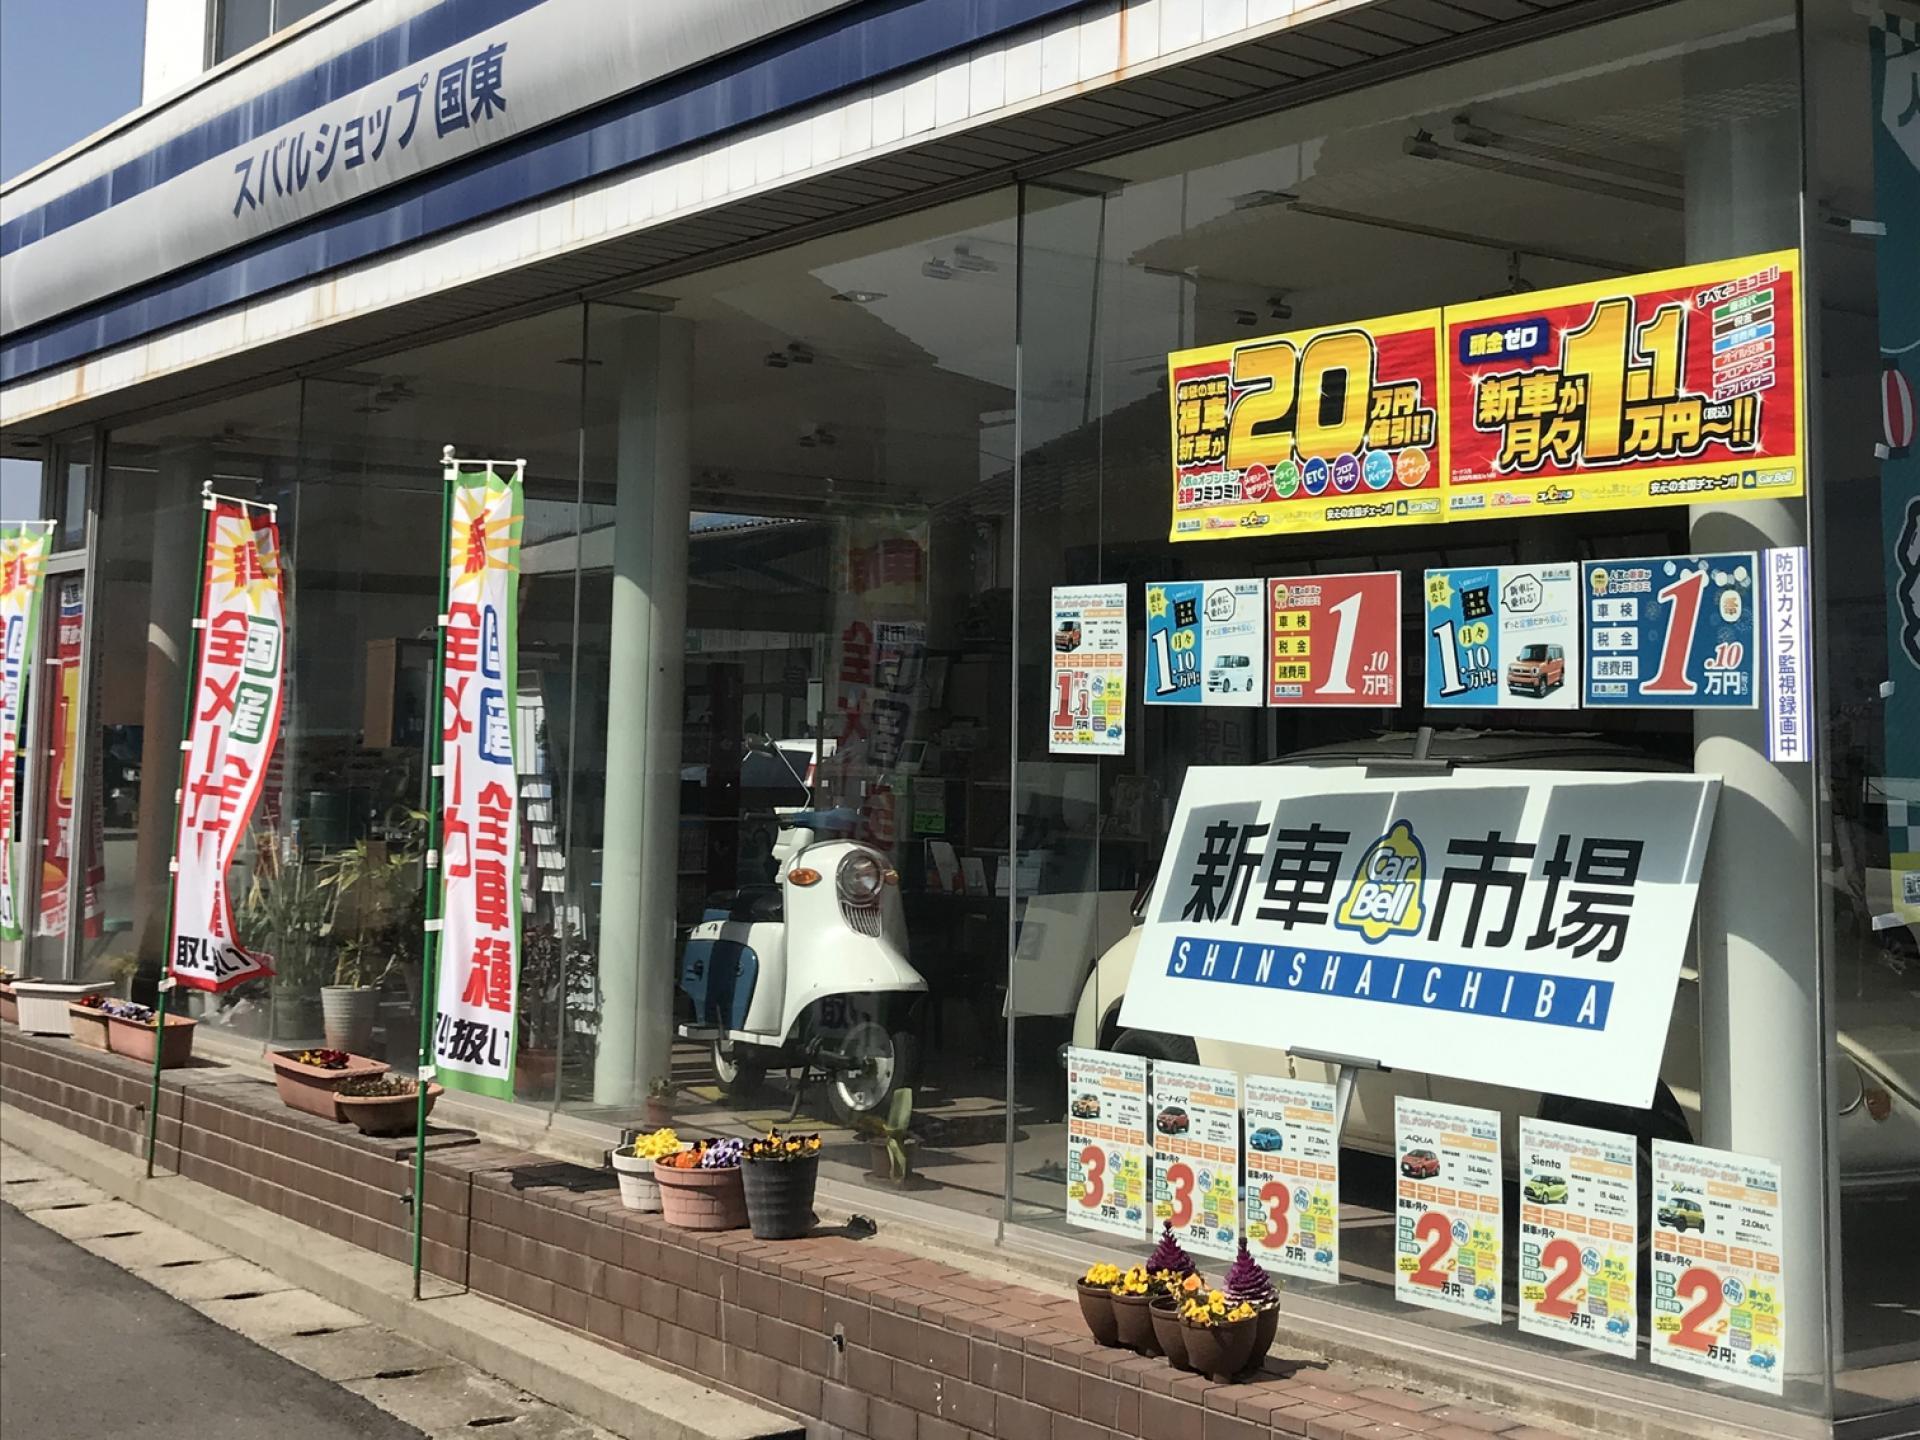 有限会社 島岡ボデー 新車市場 国東中央店